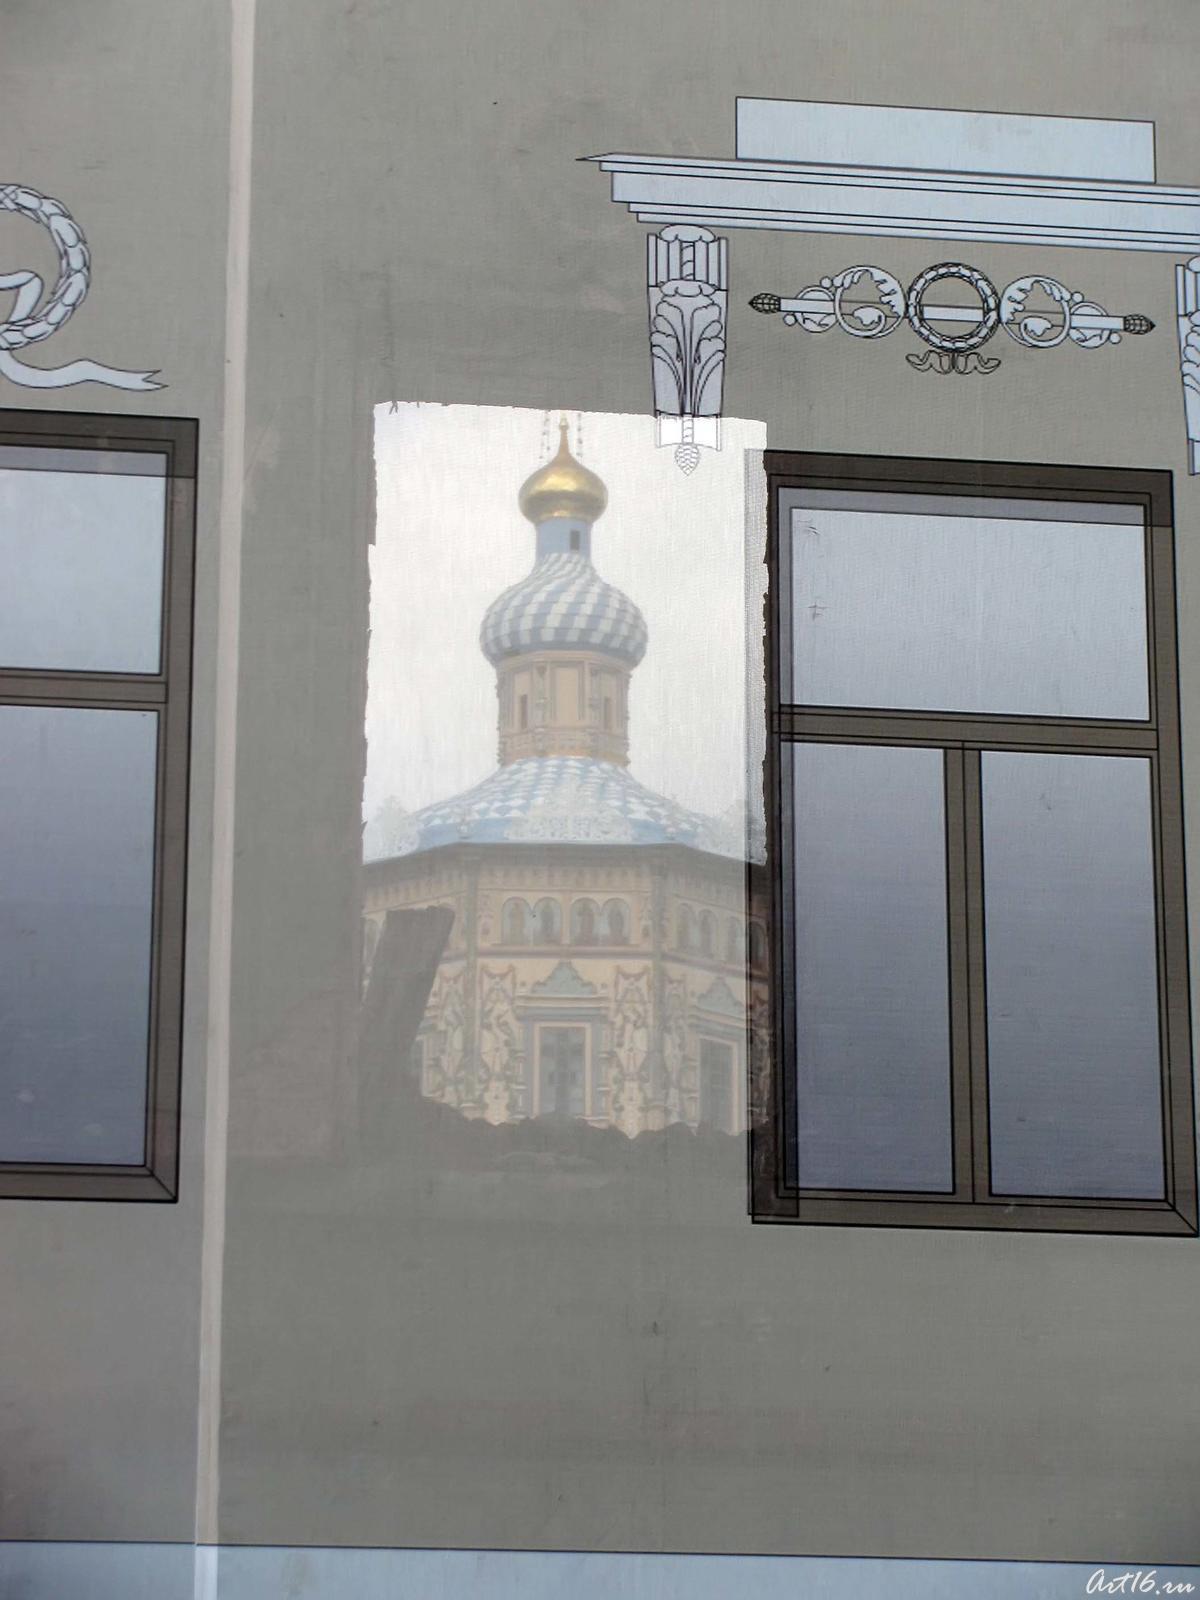 Фото №59086. В проеме окна, сквозь банерную ткань виден Петропавловский собор